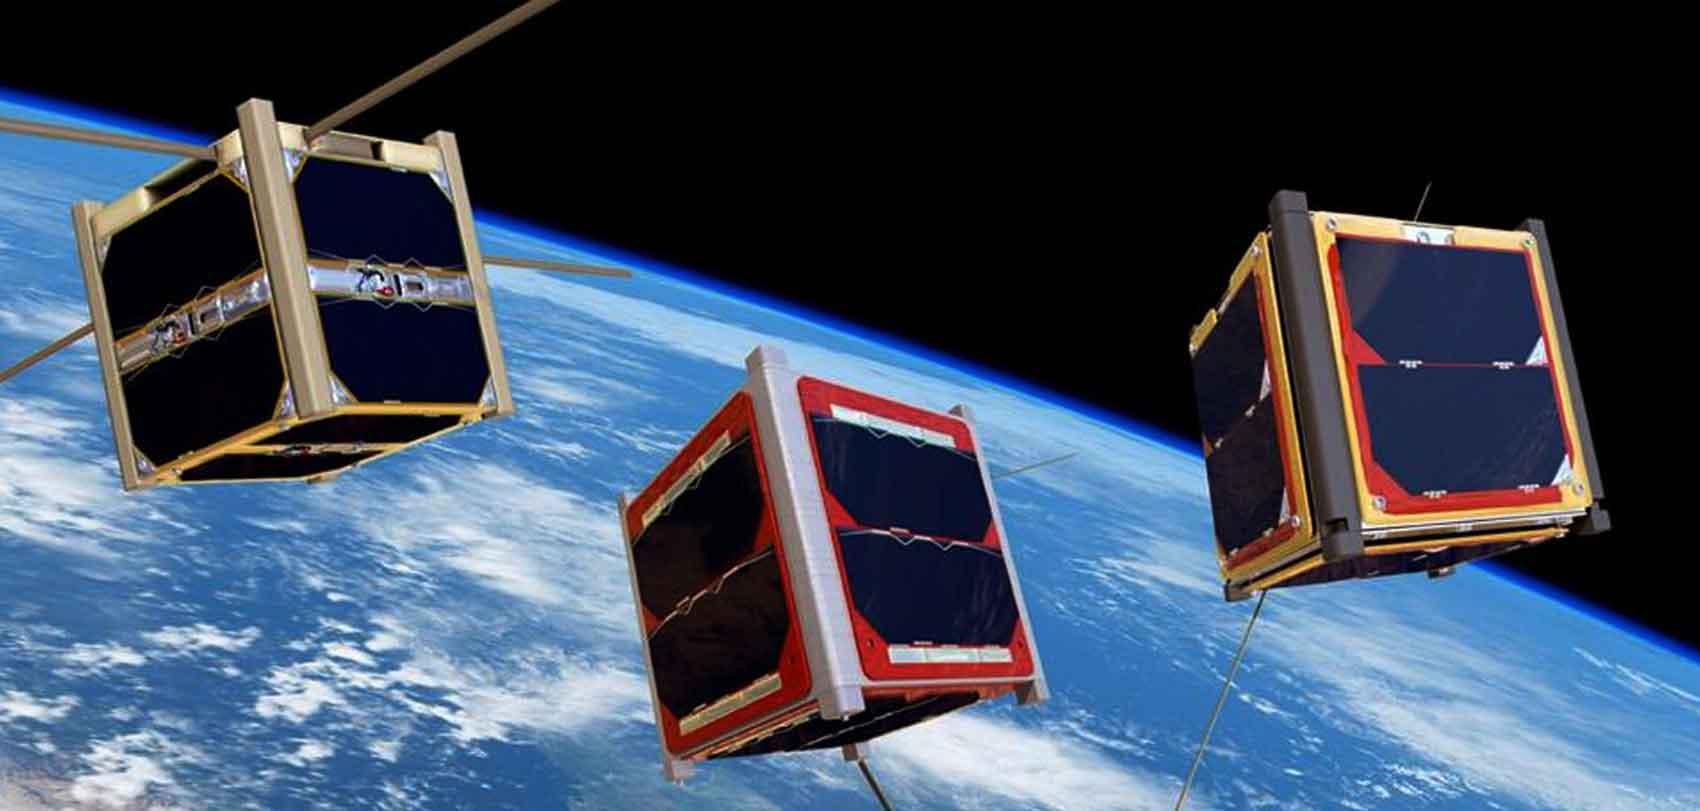 वैशाखको पहिलो हप्ता  नेपालको पहिलो भूउपग्रह प्रक्षेपण हुँदै